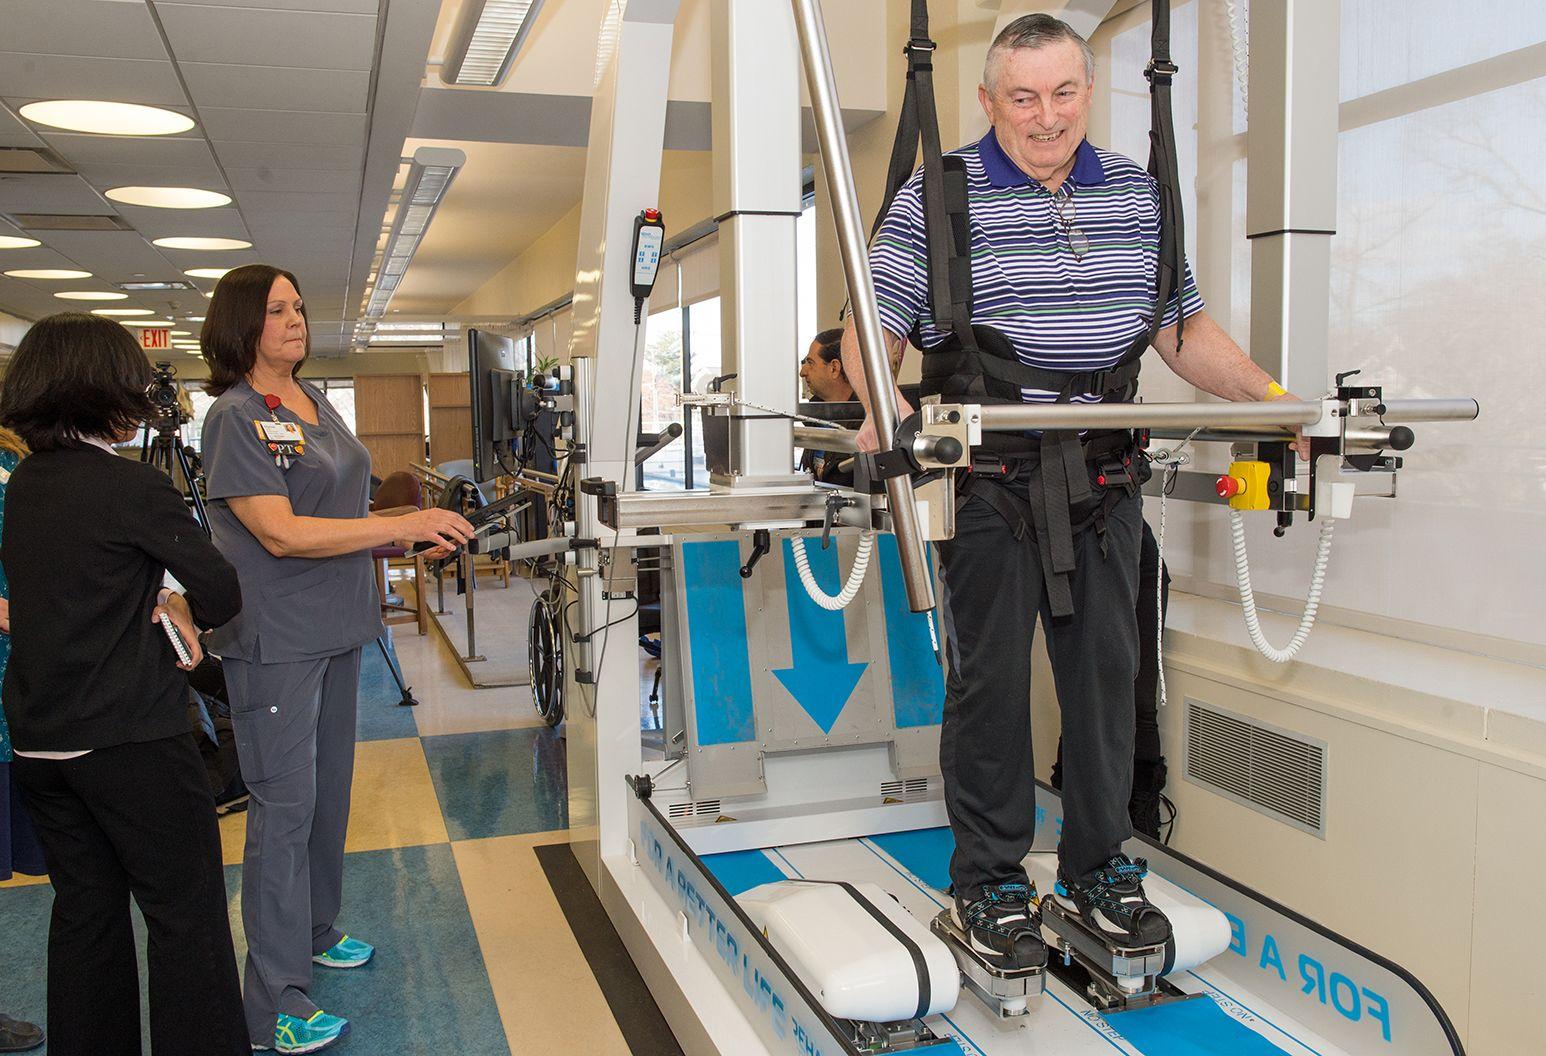 Elderly man using new machine to walk